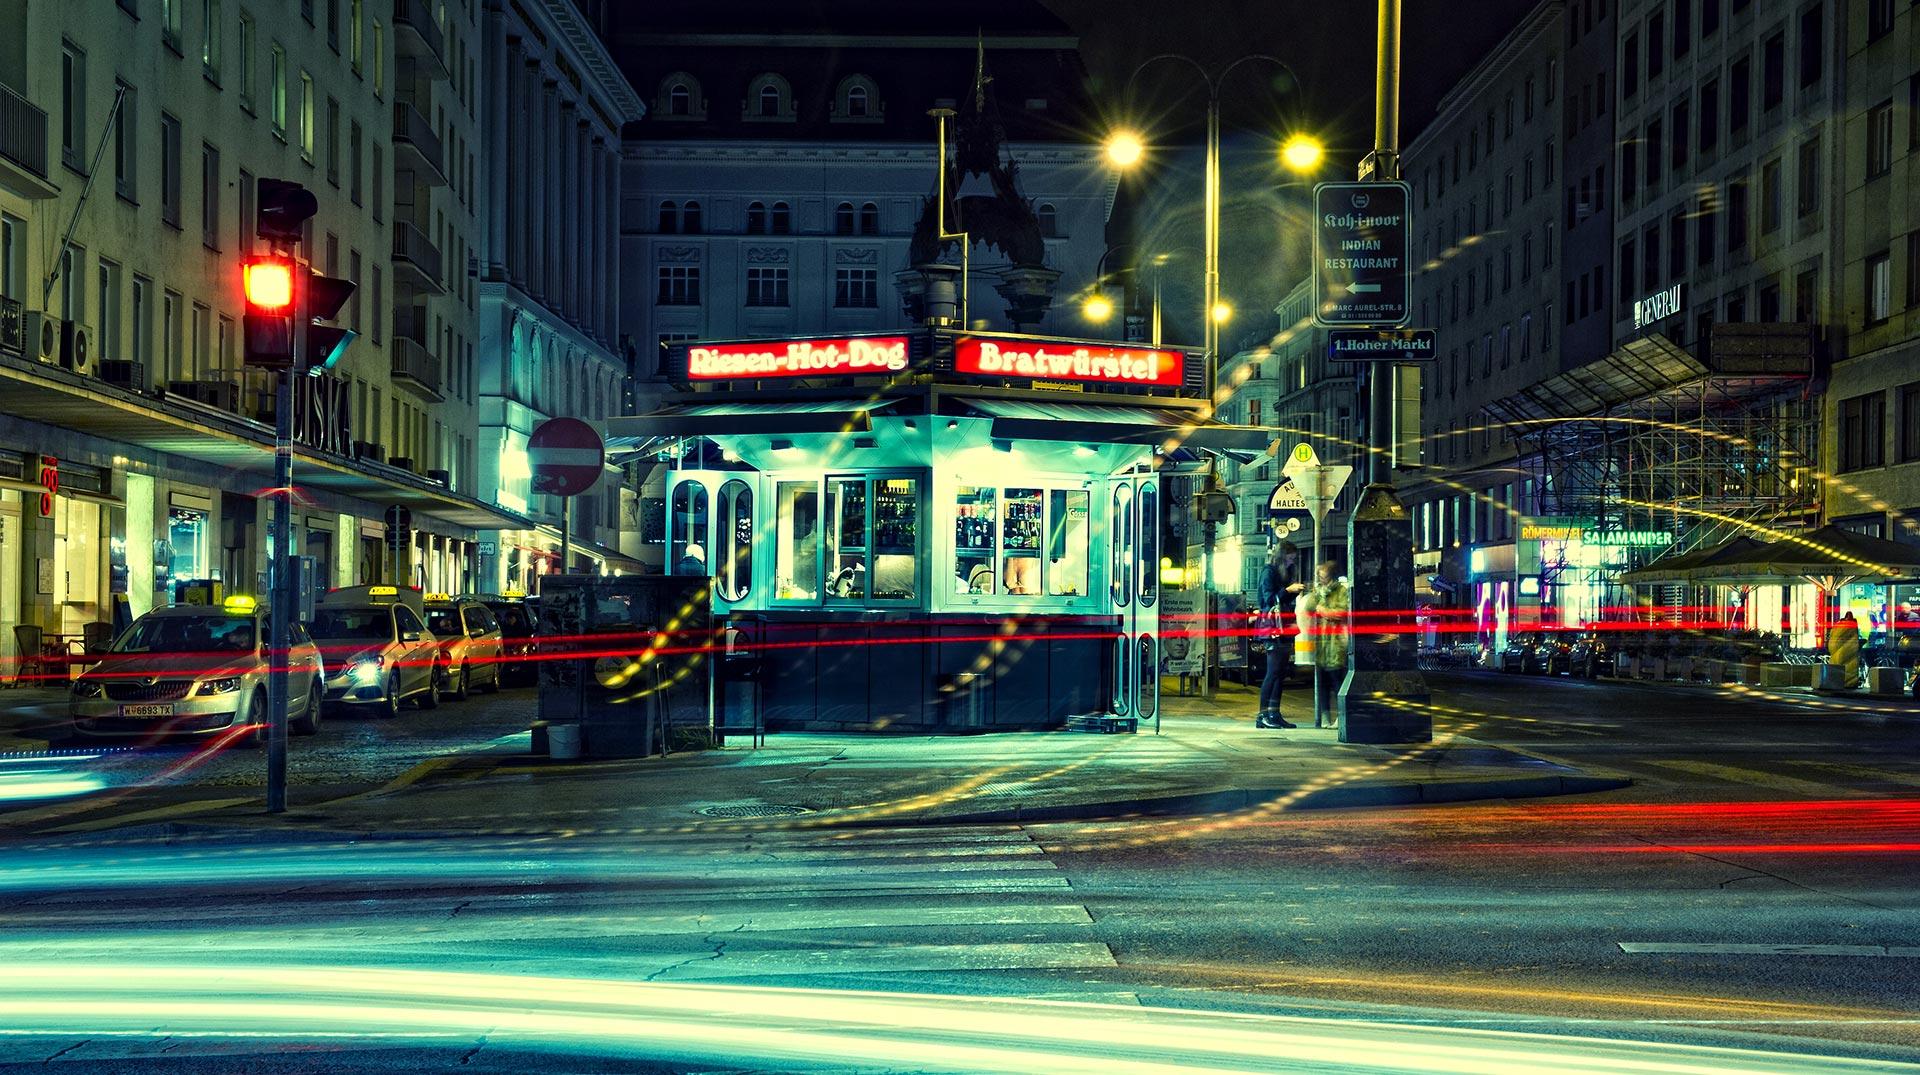 Wie fängt man die Atmosphäre und den Vibe einer Stadt wie Wien ein? © Alex Papis